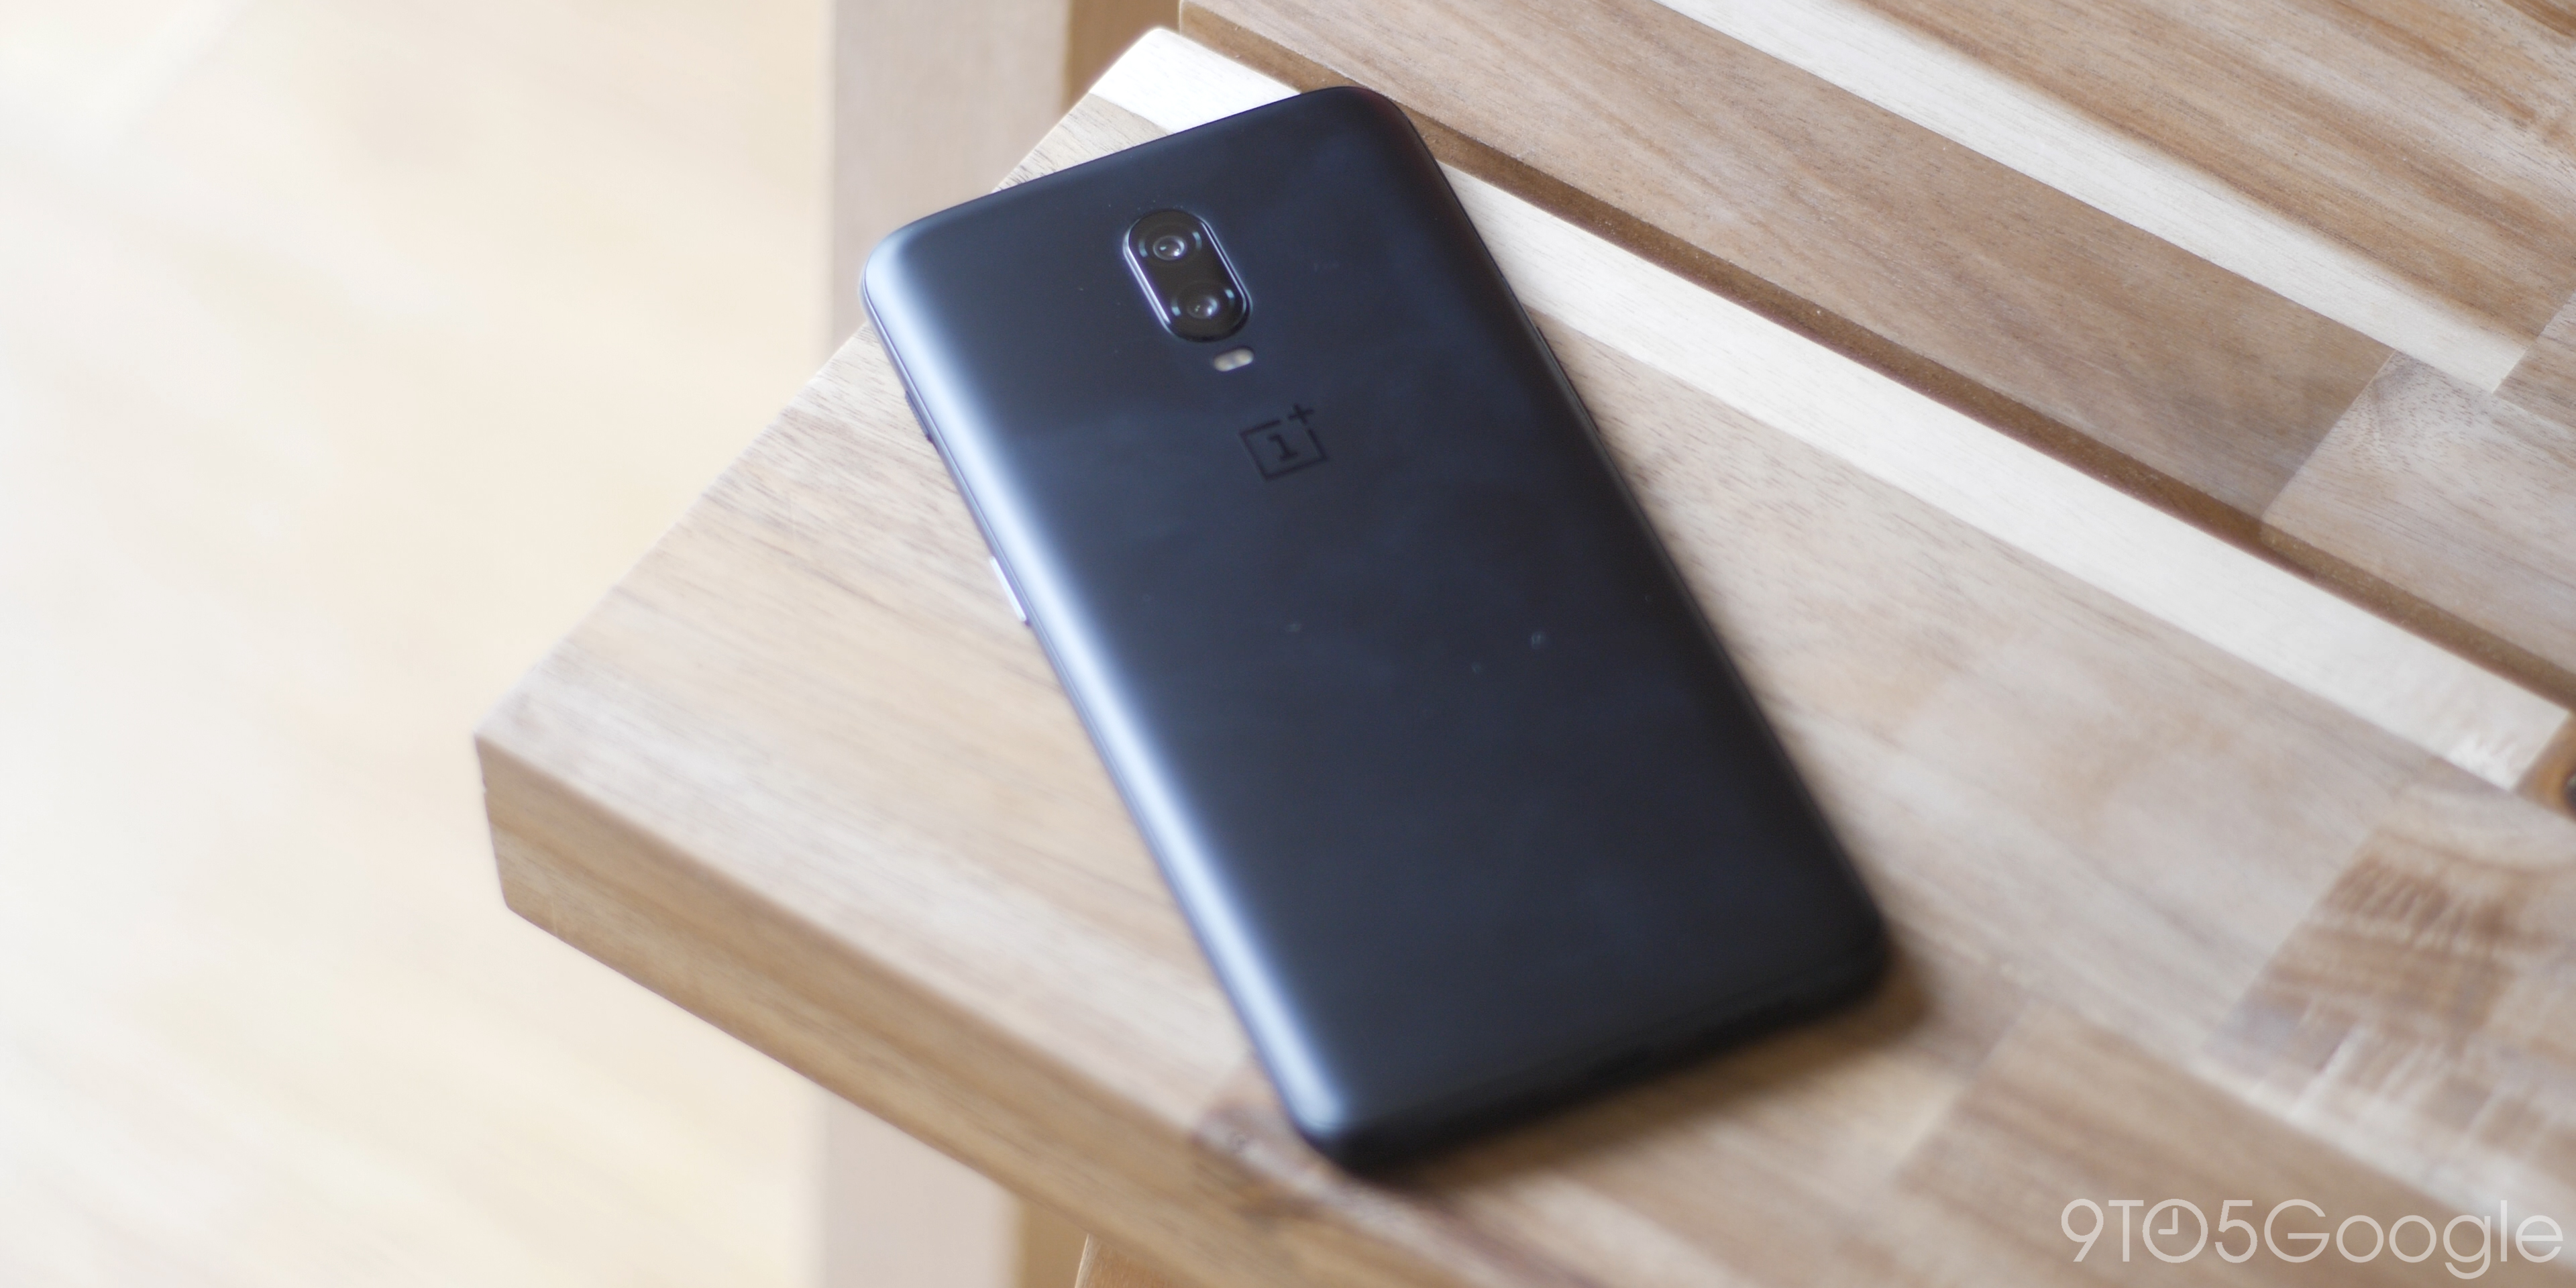 OnePlus 6T design